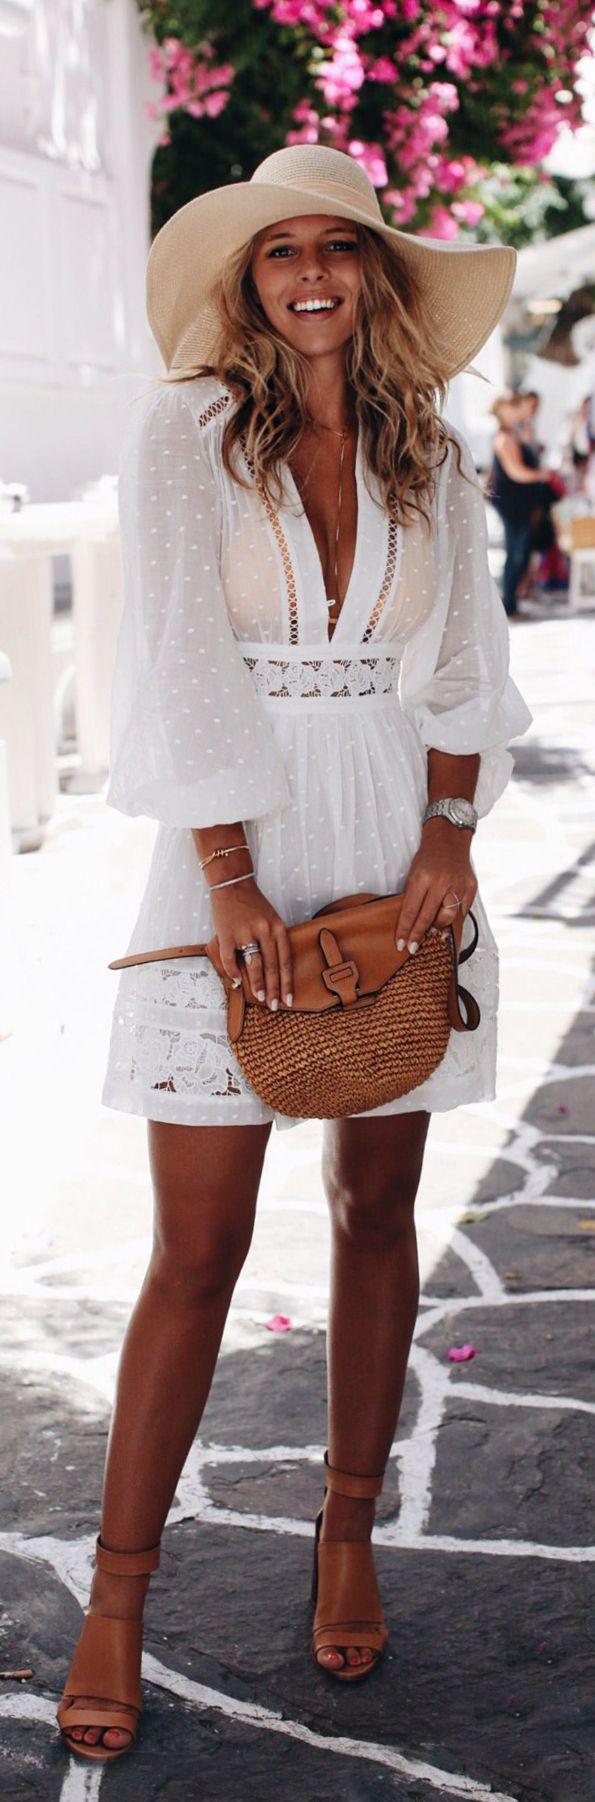 Boho chic look  weloveboho boho bohemian gypsy freespirit fashion moda  16fa532f2bb